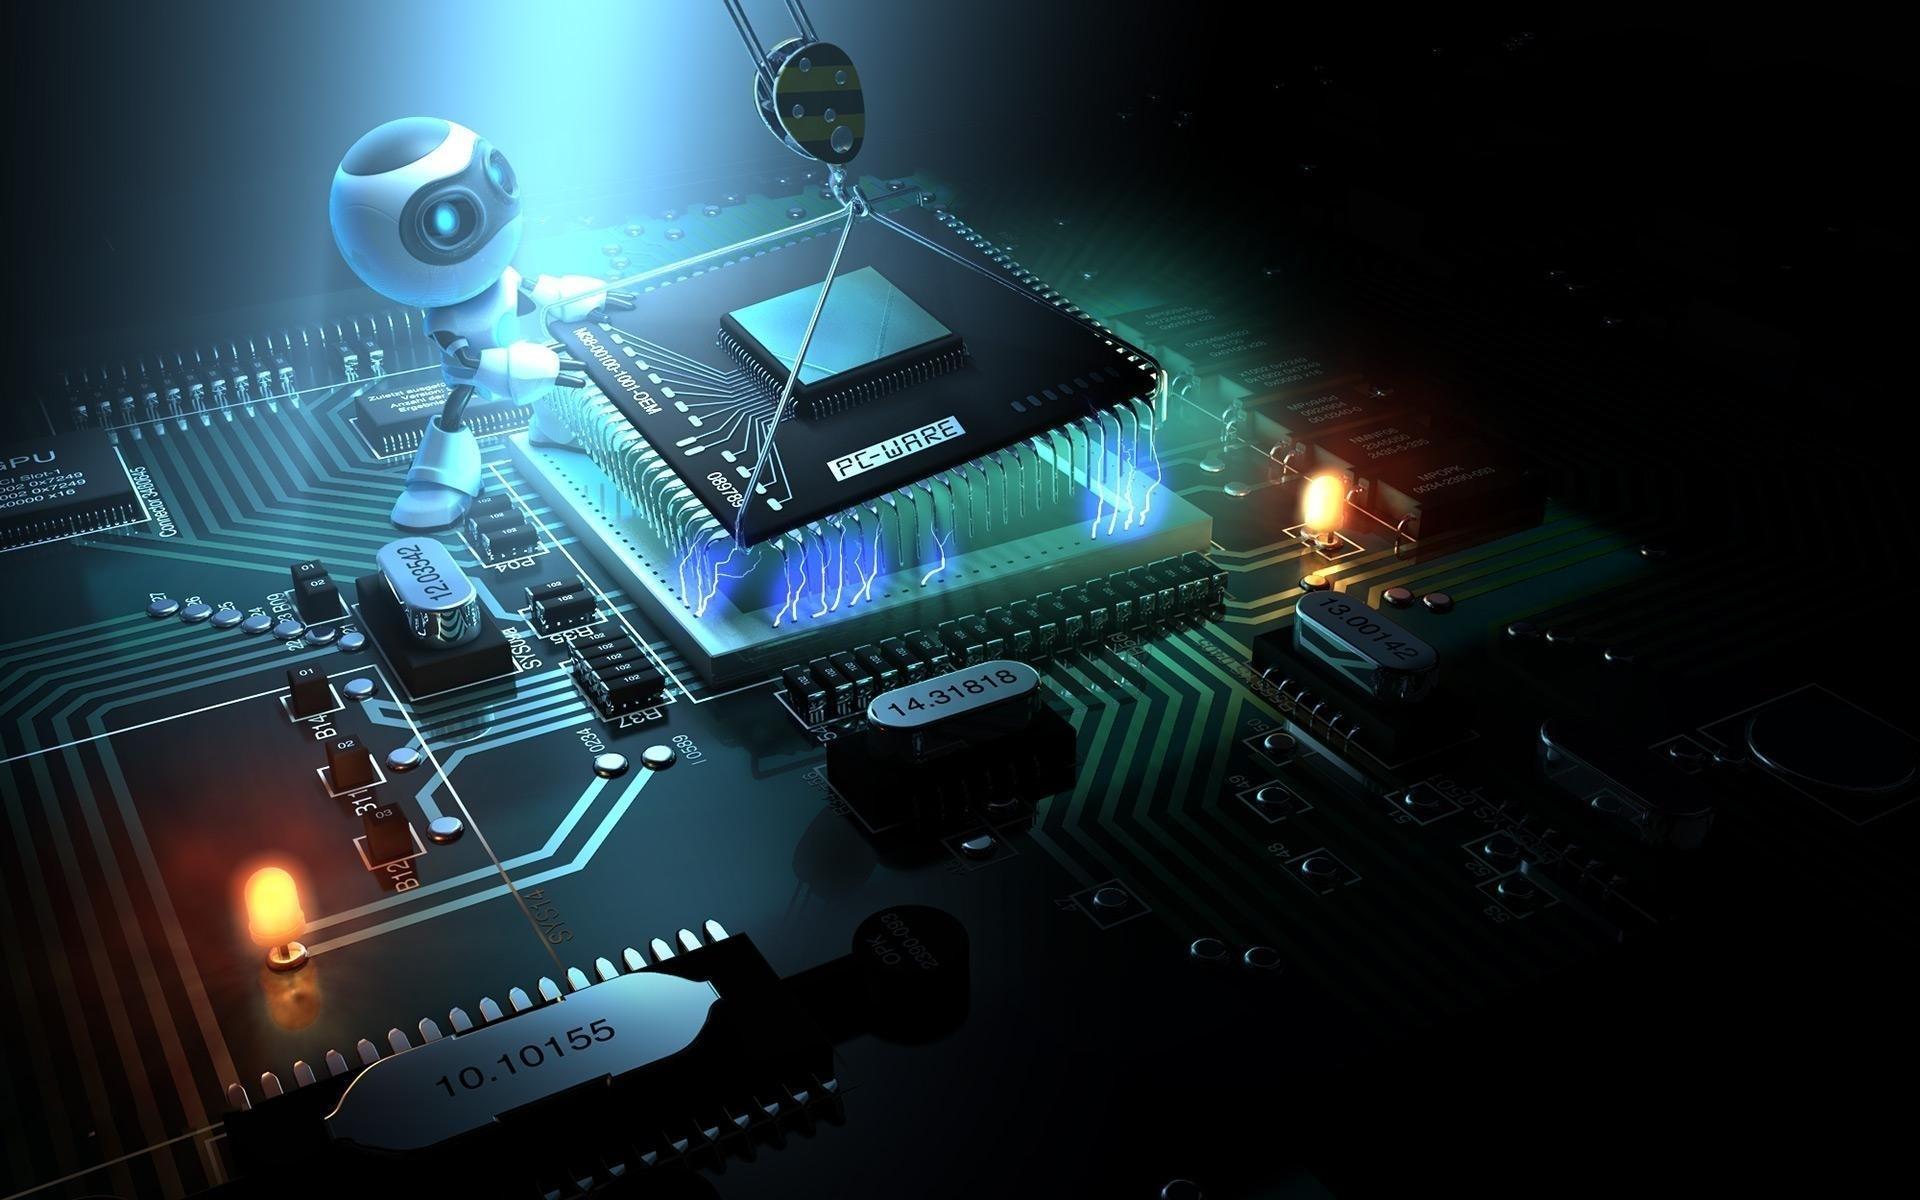 hardware mangia software